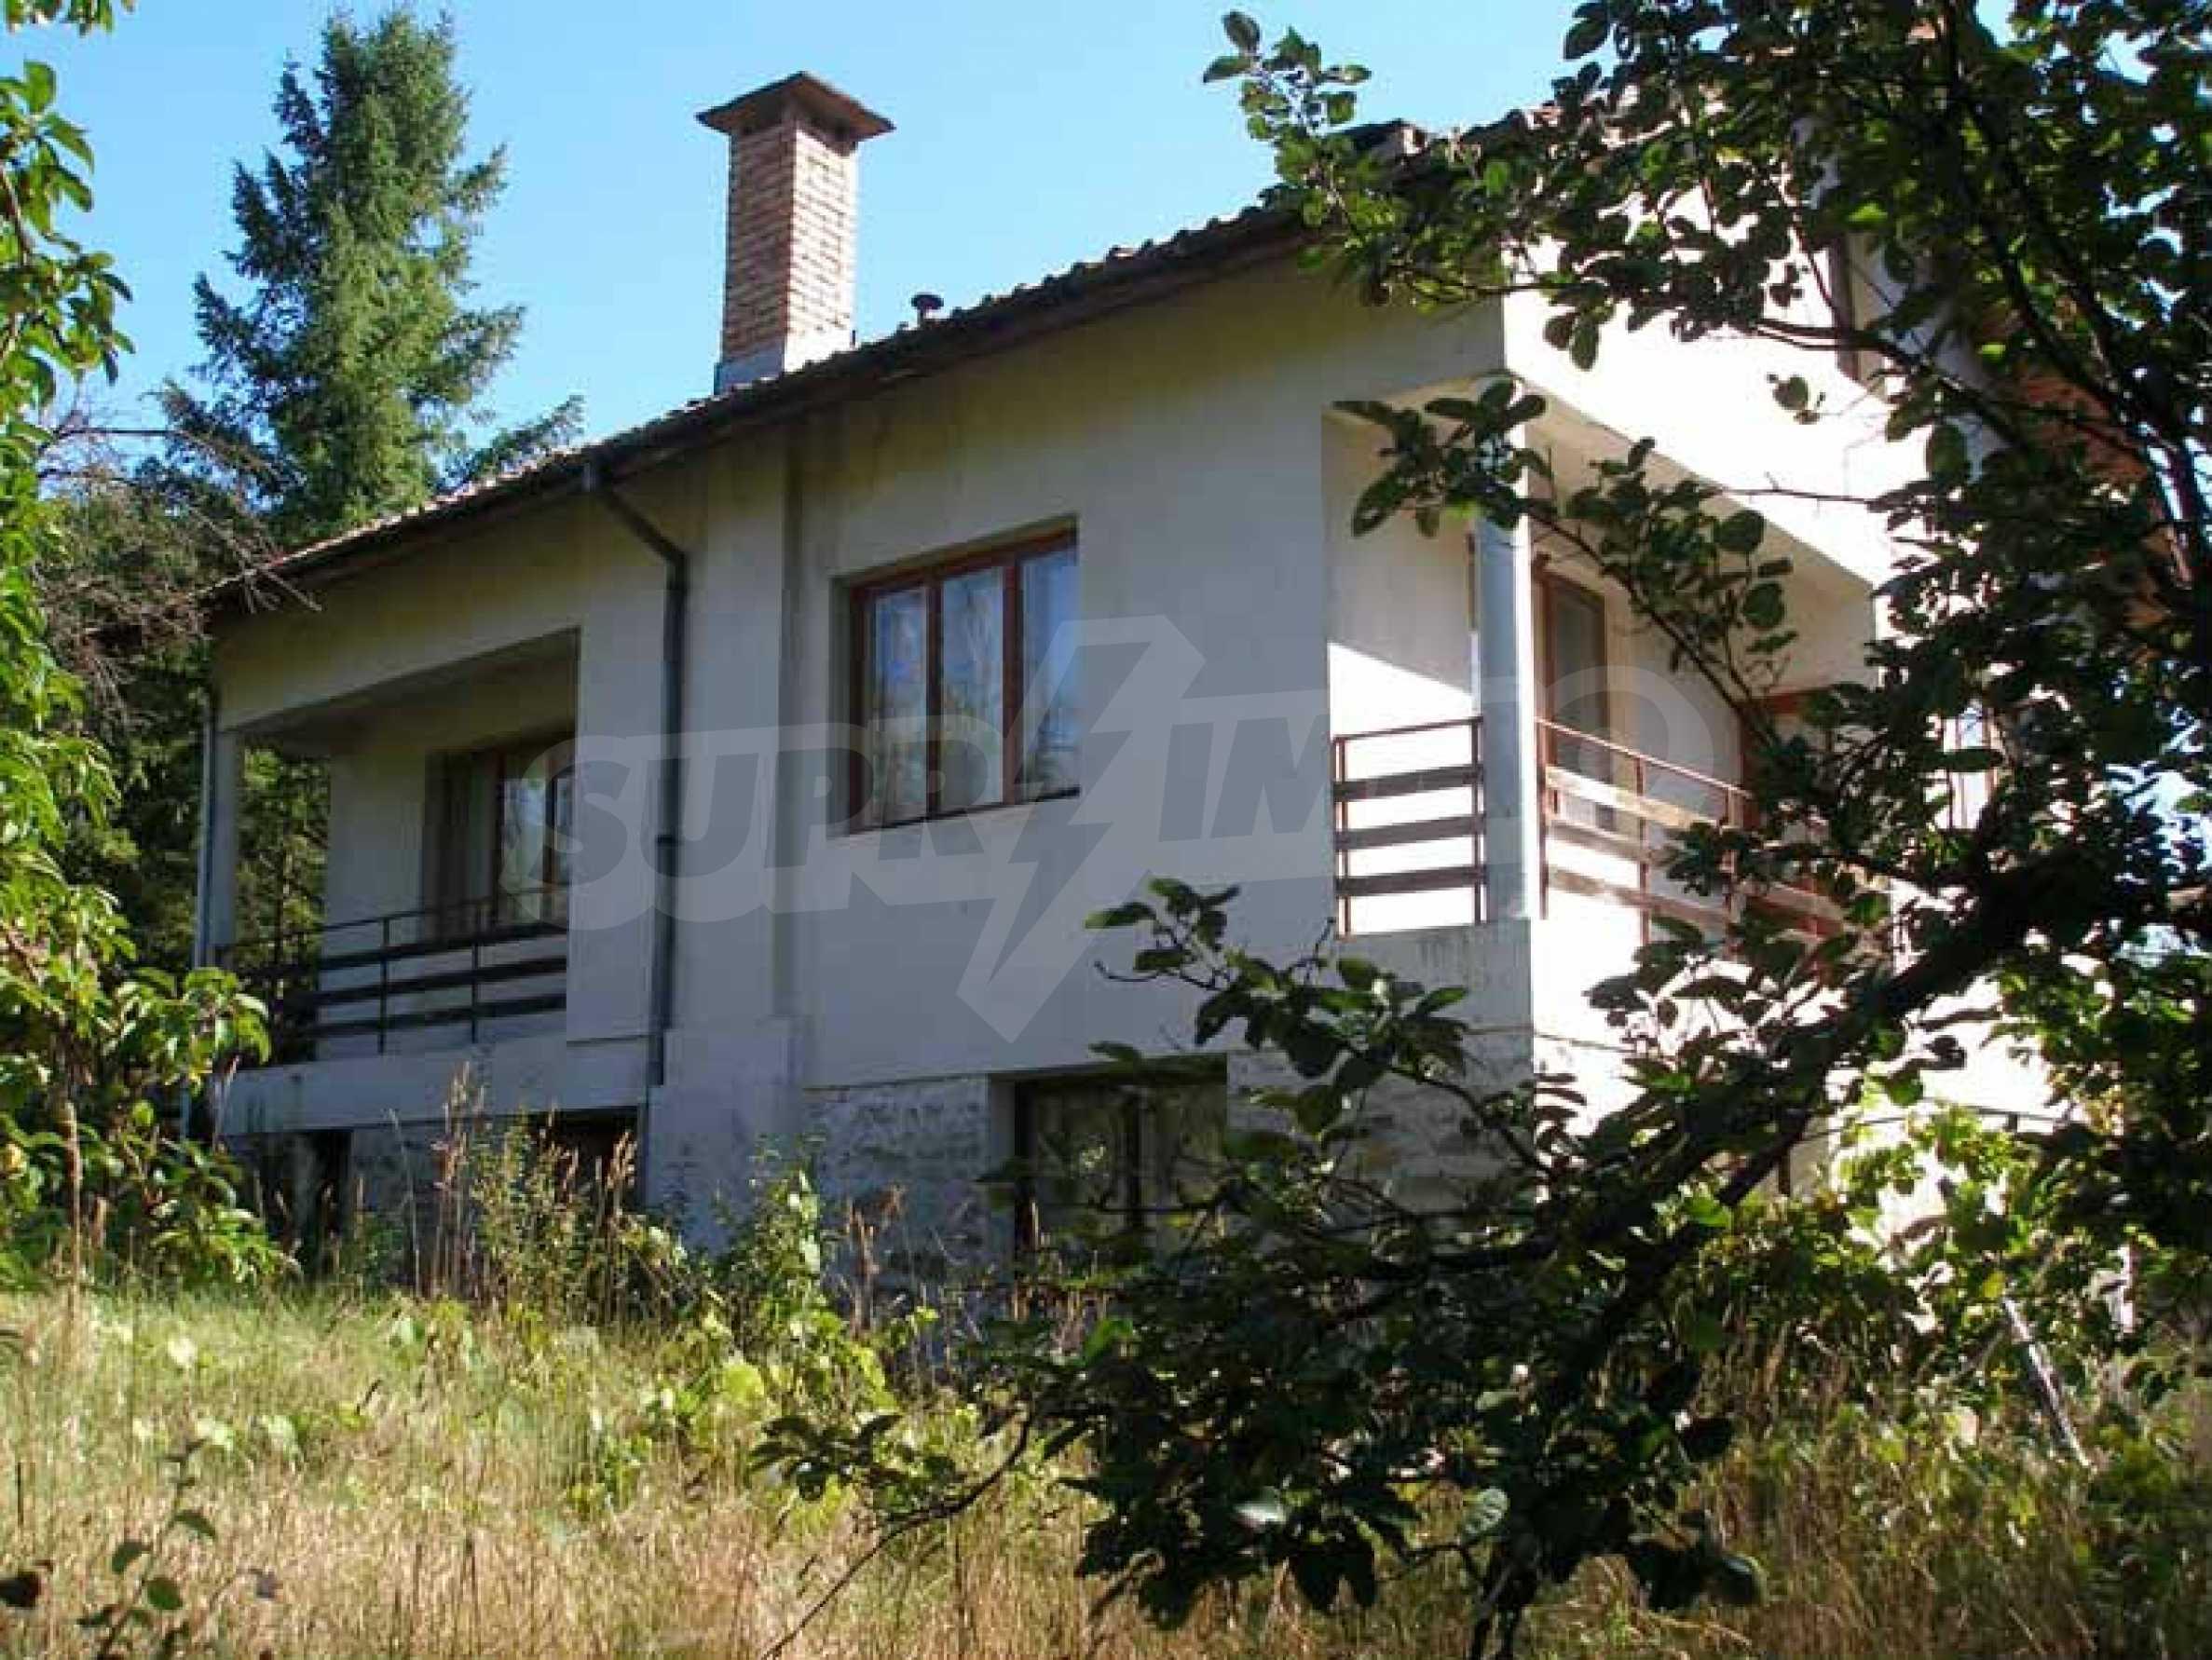 Neues Haus in einem ruhigen Dorf 1